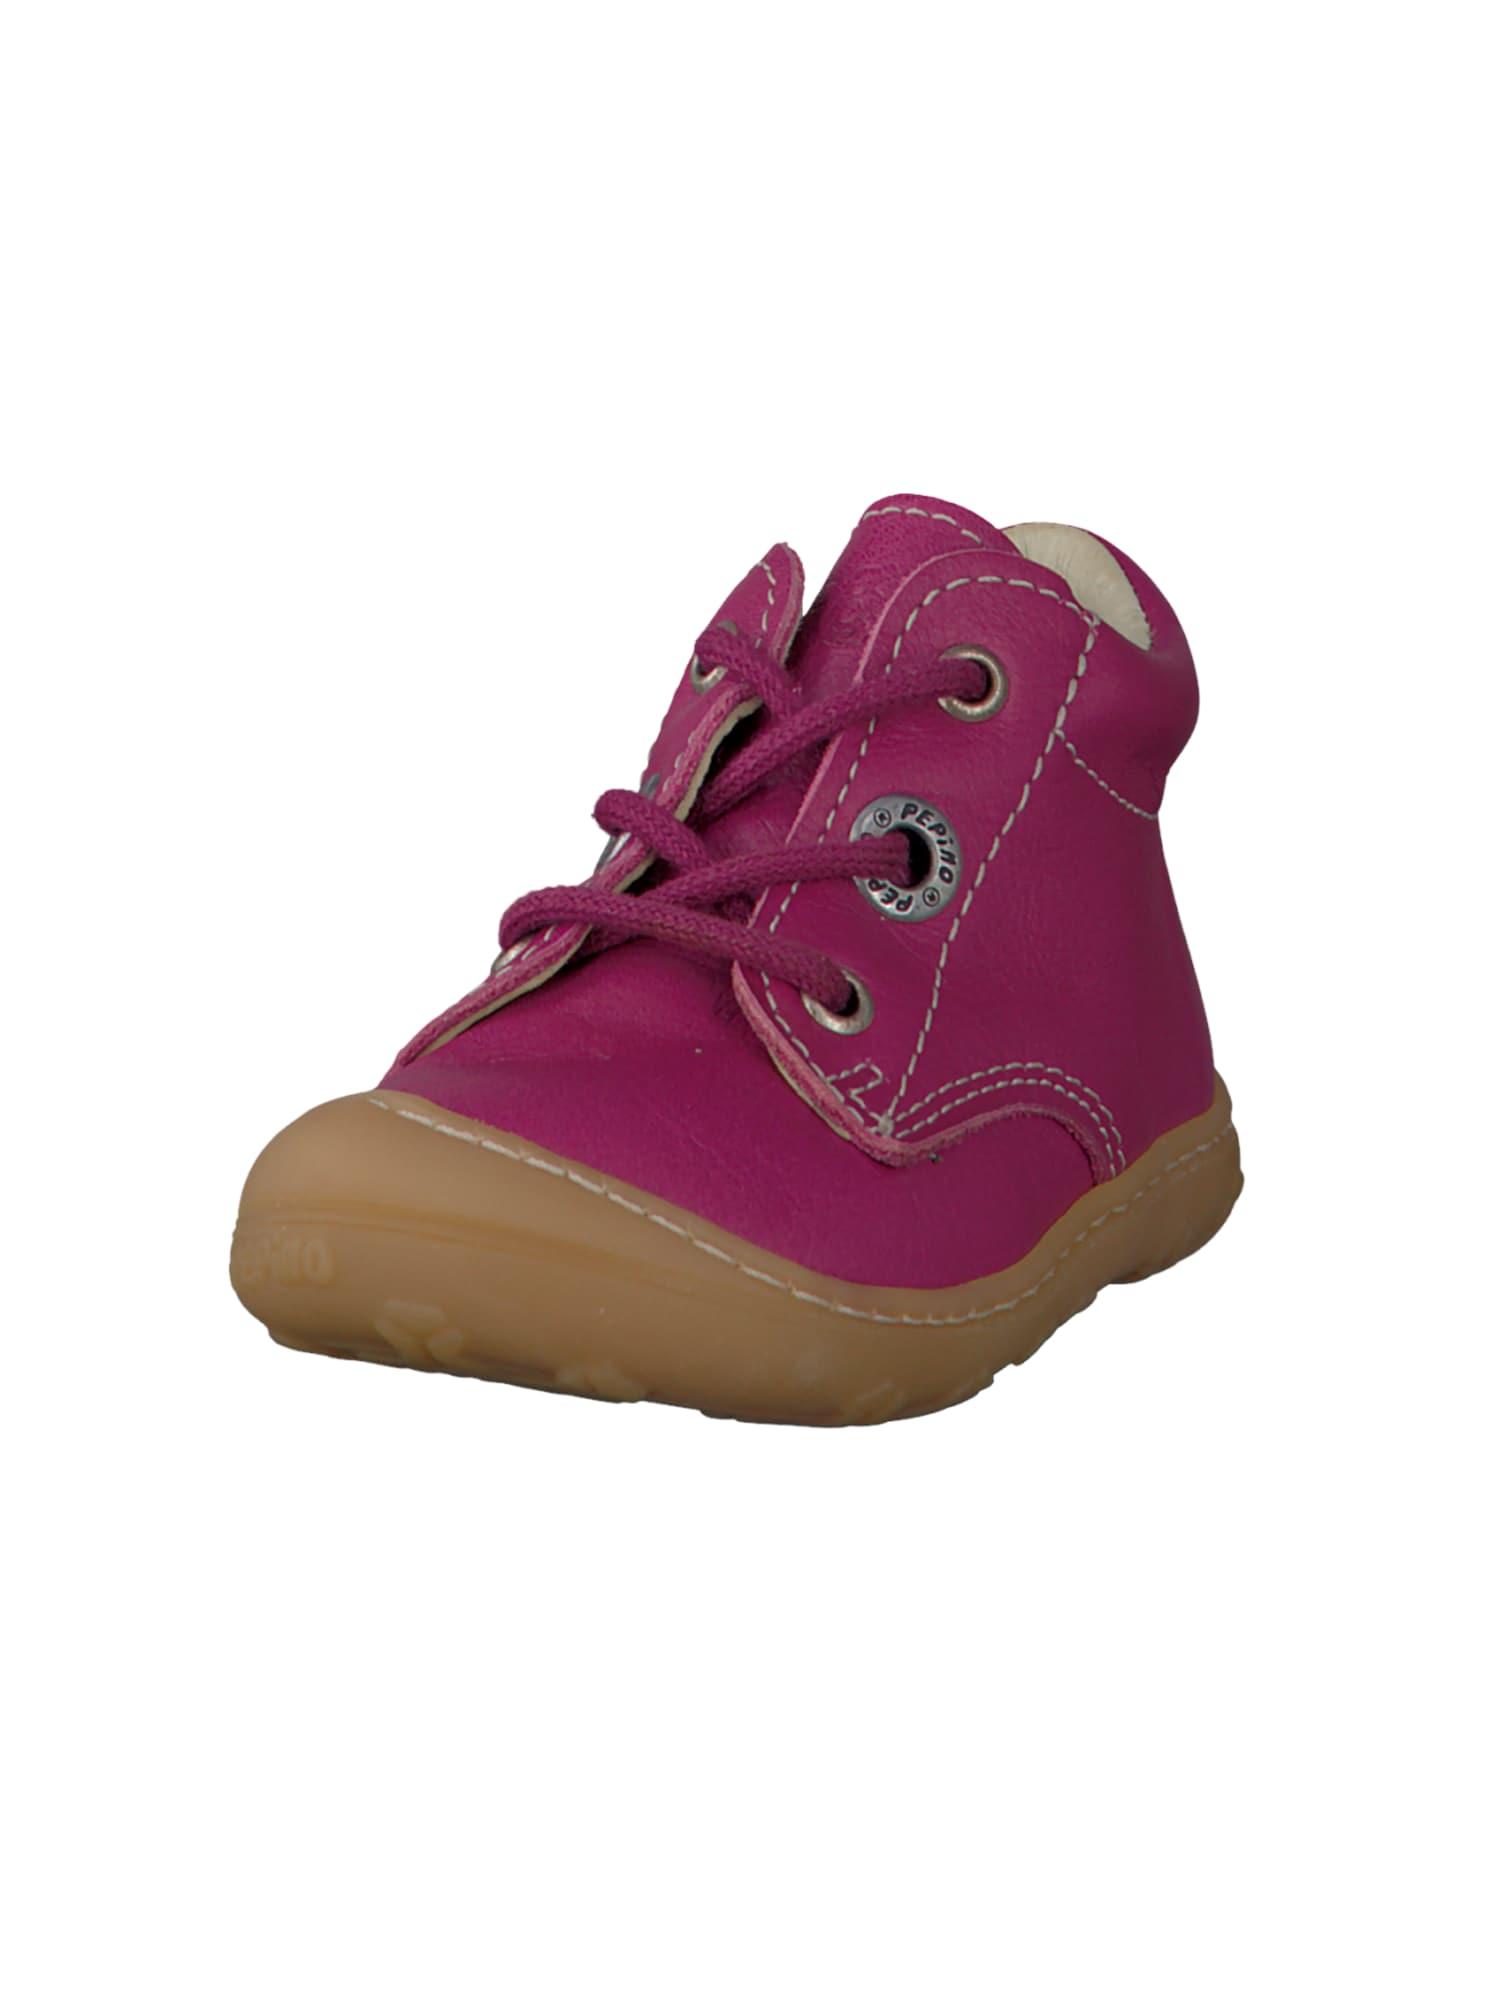 Botičky pro první krůčky CORY hnědá pink Pepino